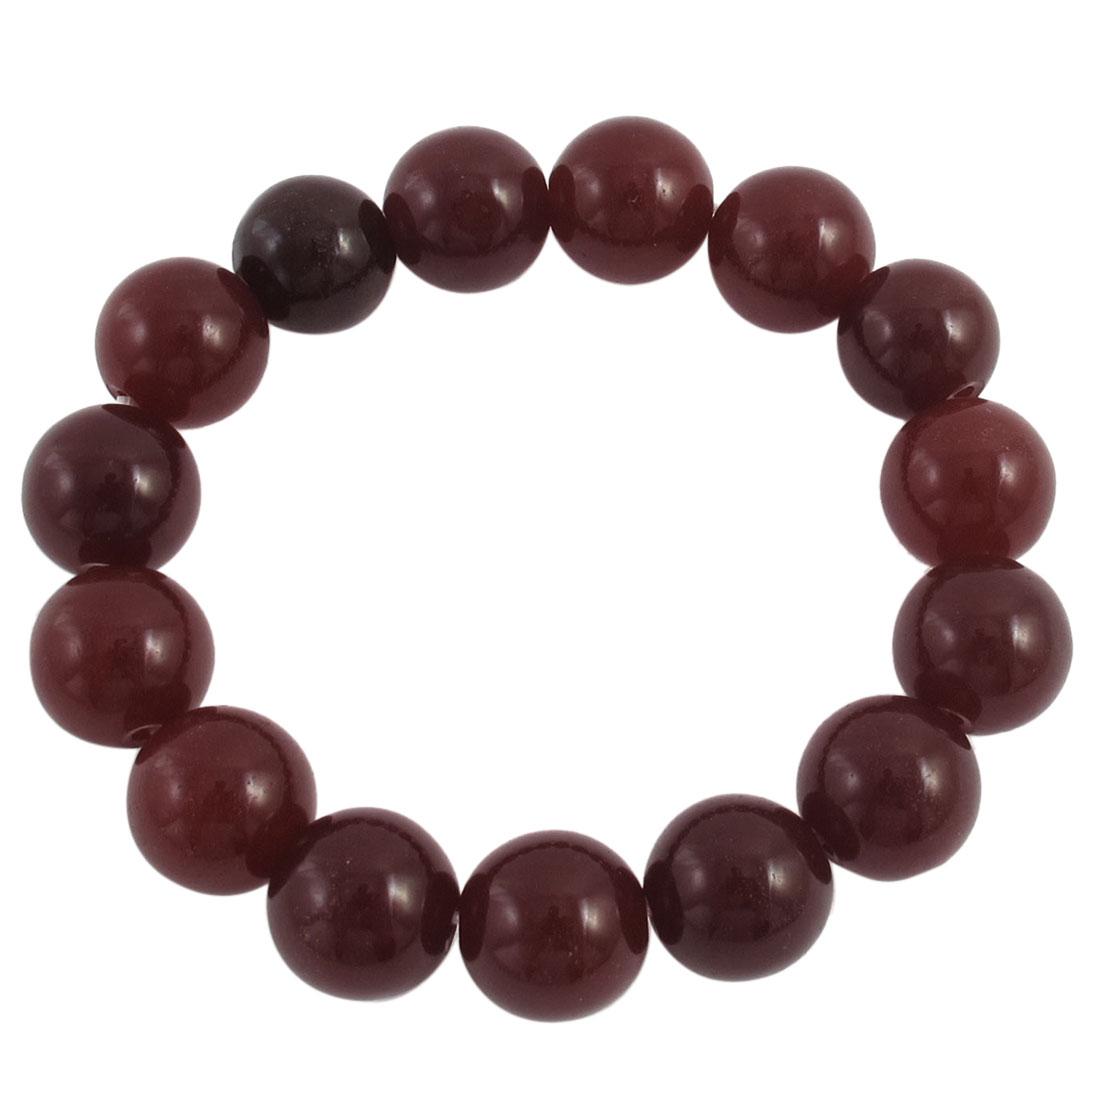 Lady Round Faux Jade Bead Linked Elastic Wrist Bracelet Bangle Decor Marroon